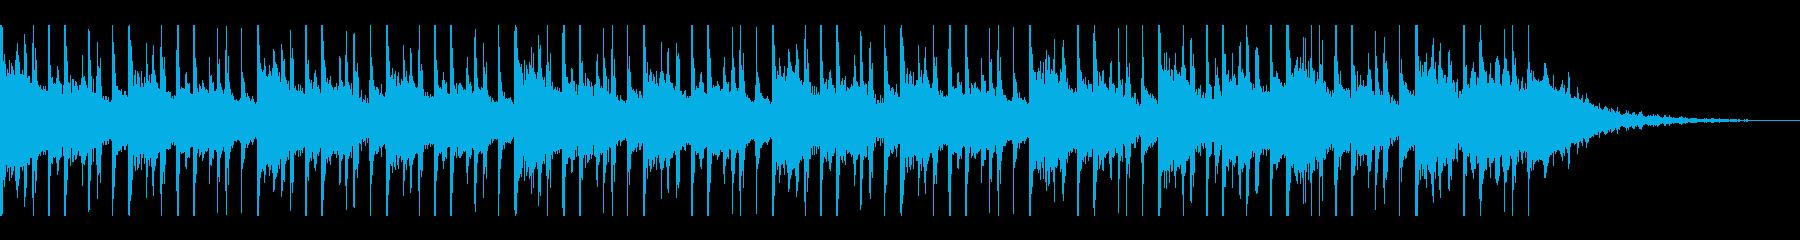 アラビア音楽(30秒)の再生済みの波形